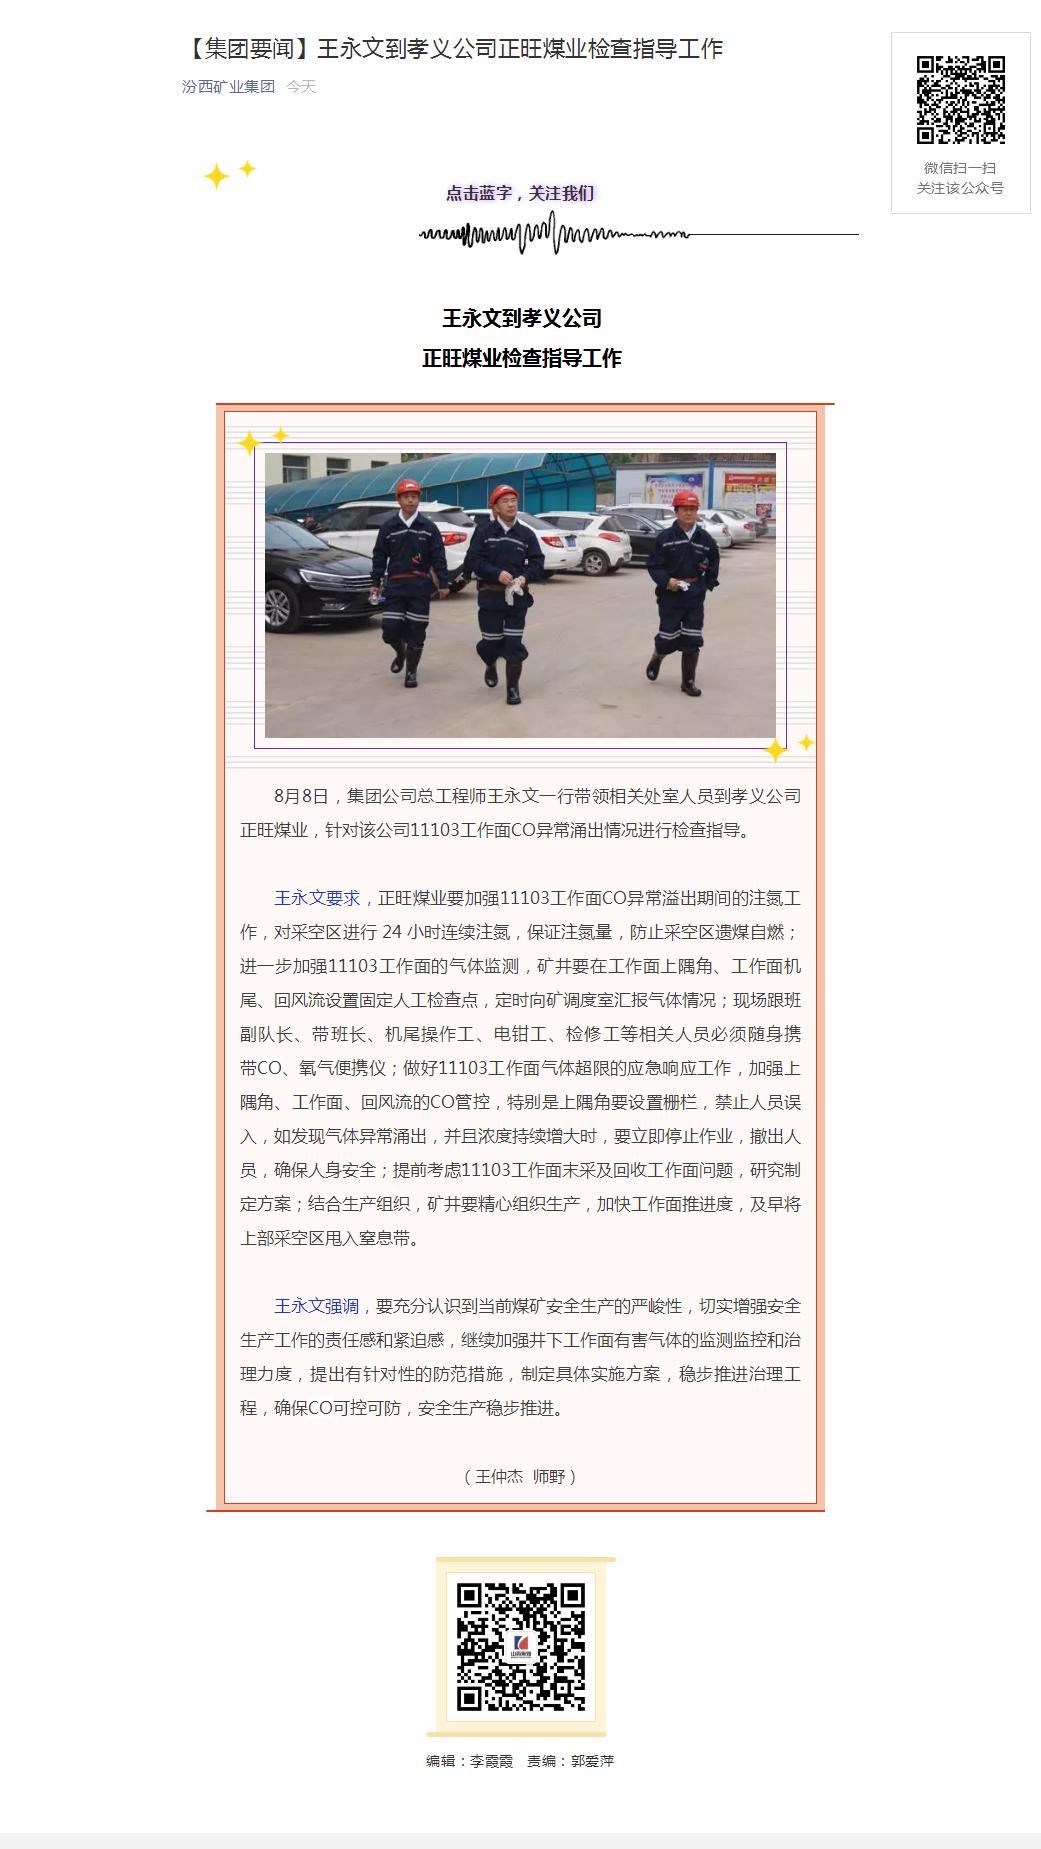 王永文到孝義公司正旺煤業檢查指導工作.png